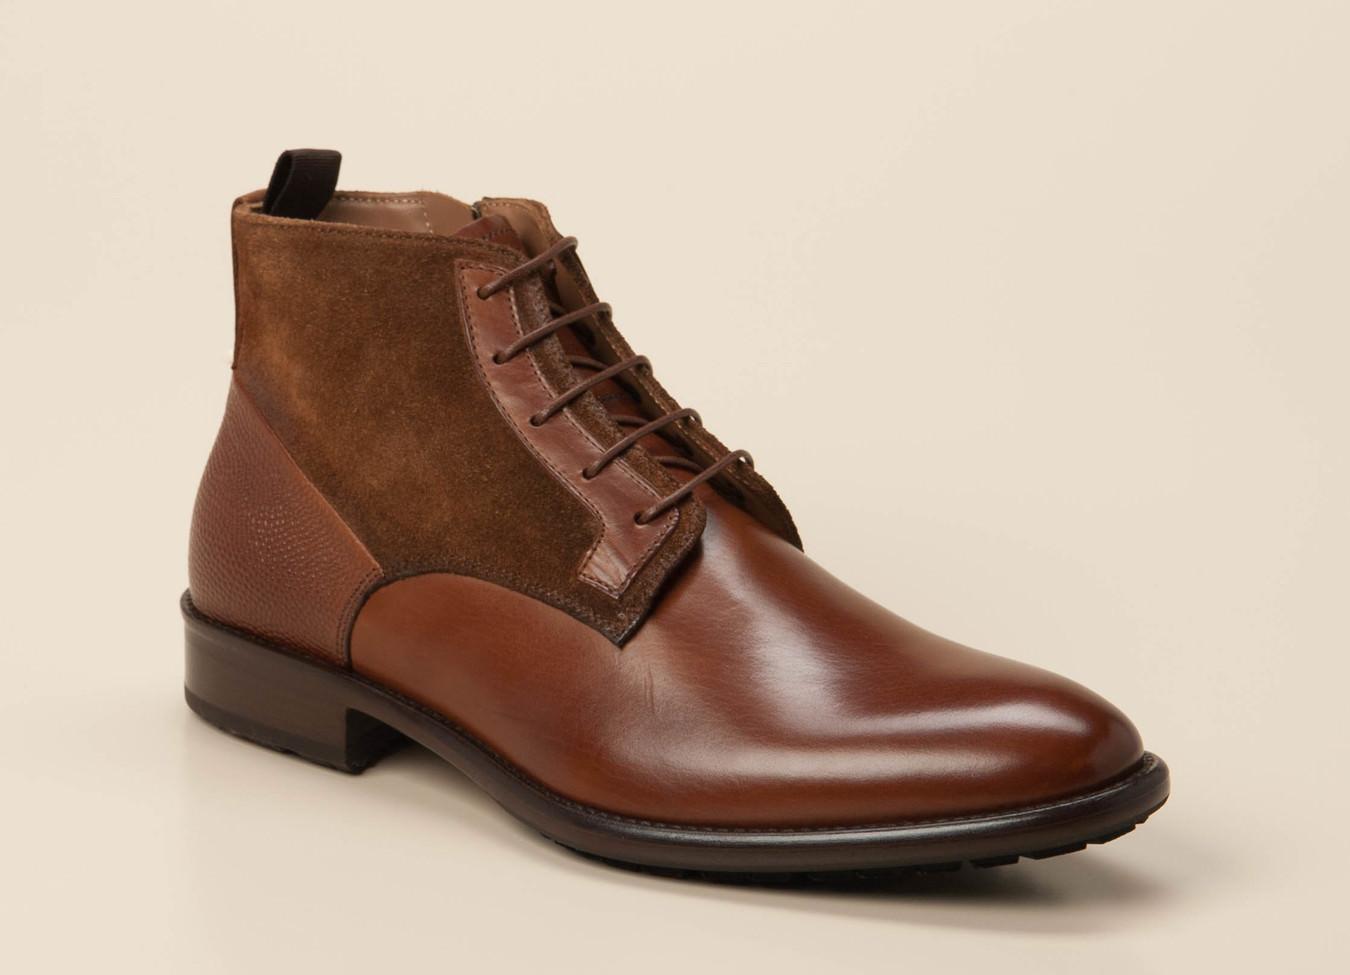 dfff70deb7e132 Ralph Harrison Edition Herren Boots in mittelbraun kaufen